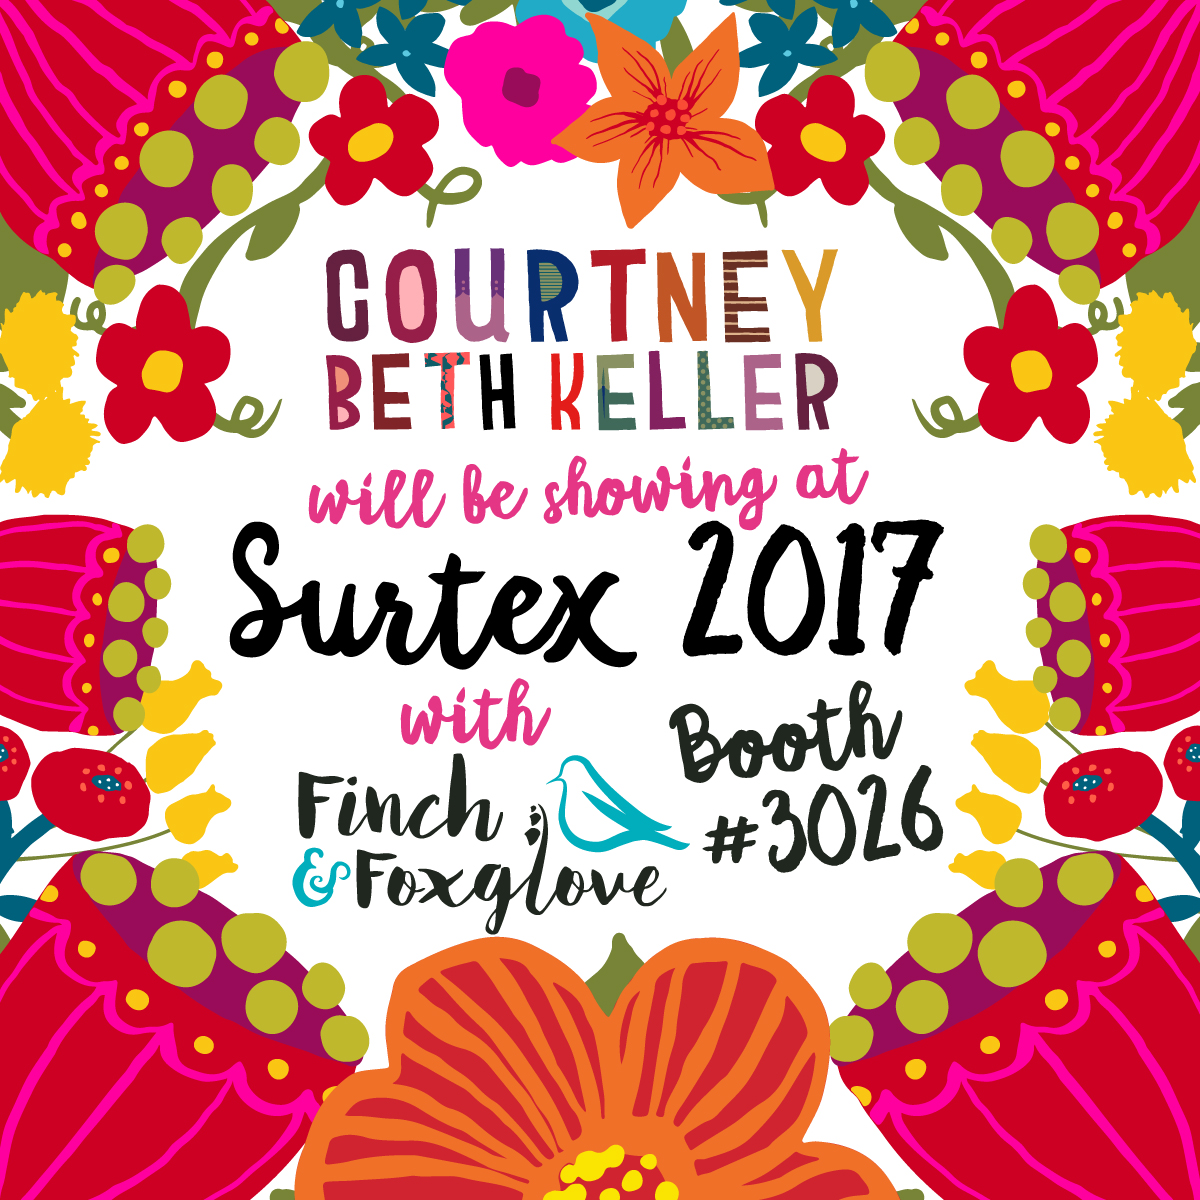 CourtneyBethKeller_SurtexFlyer-FnF2017.jpg